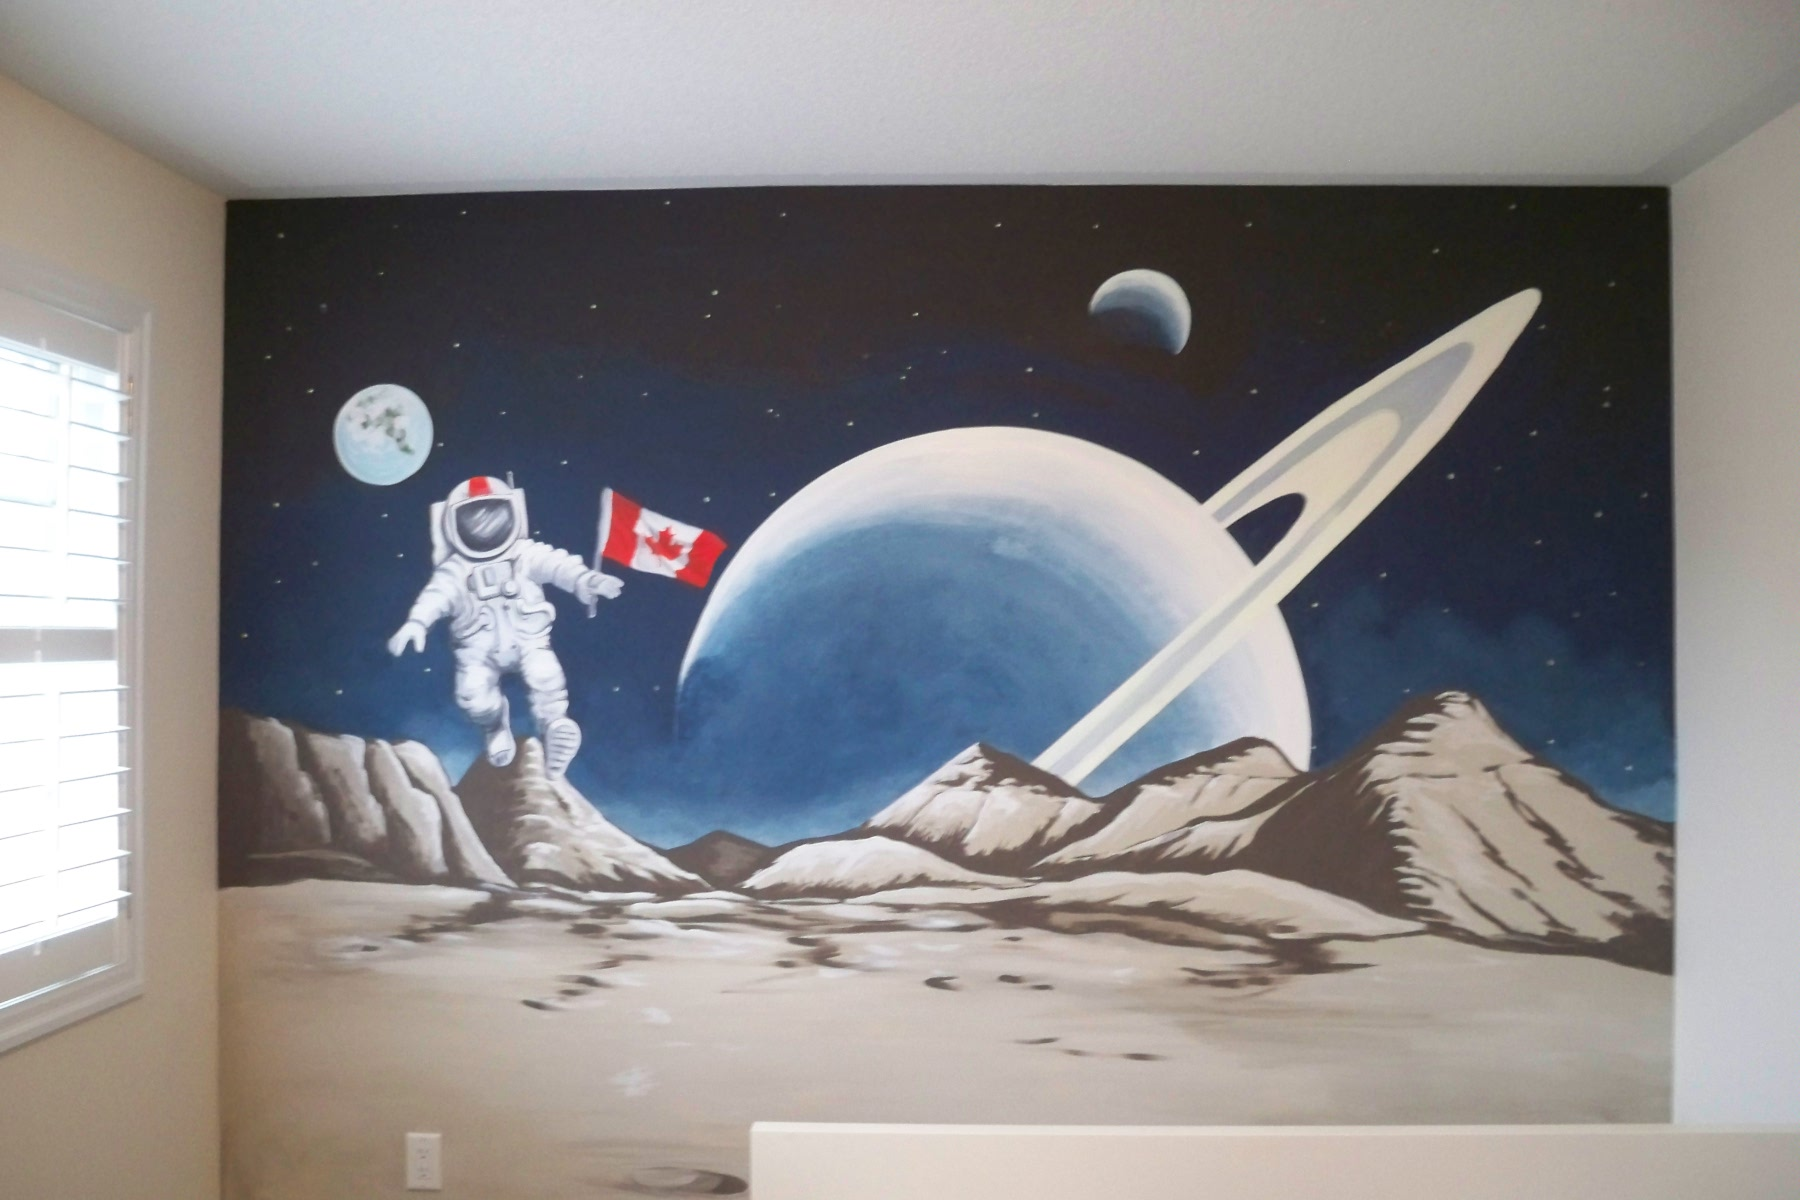 Murals By Marg Space Mural 2.JPG